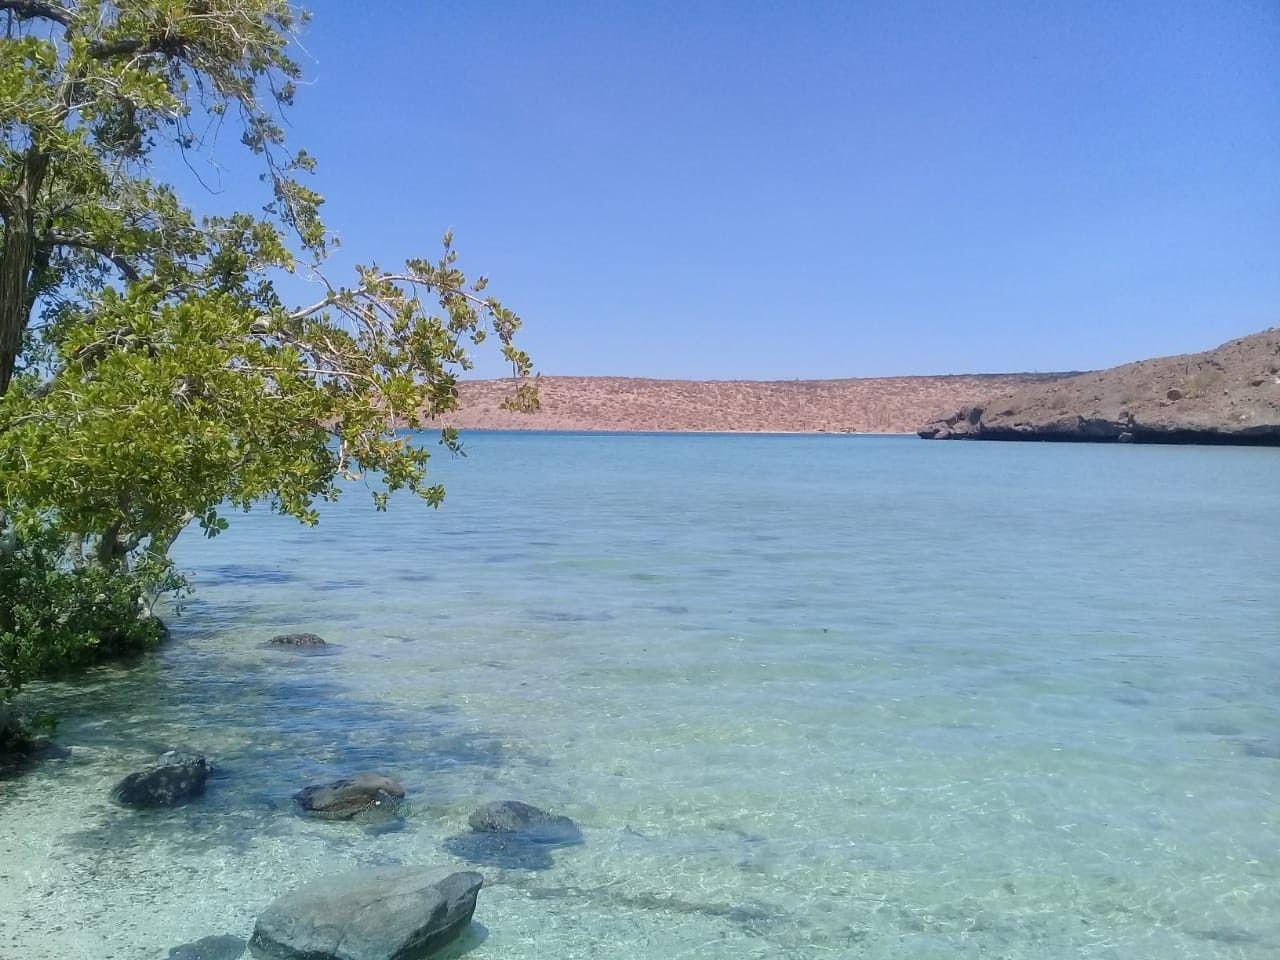 Playa el Tesoro. La Paz BCS | Turismo en mexico, Playa, Turismo